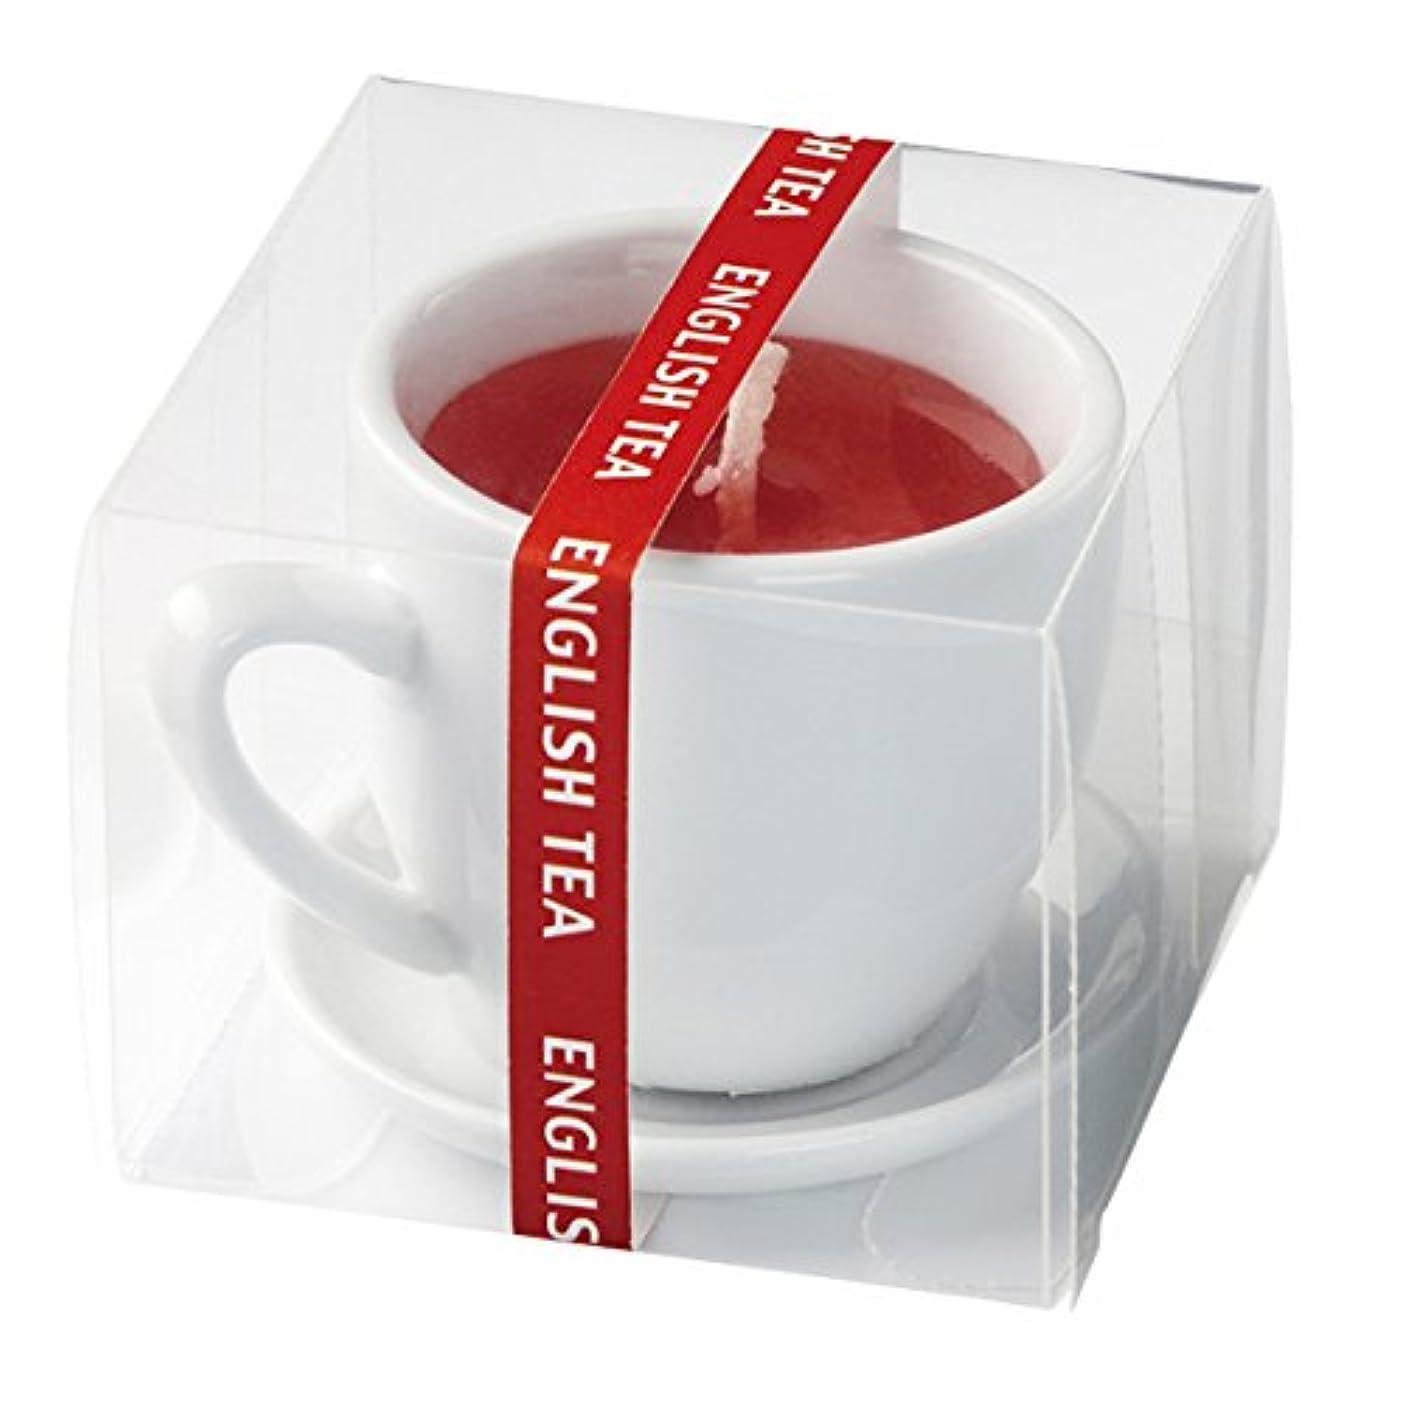 競合他社選手花に水をやる監督する紅茶キャンドル